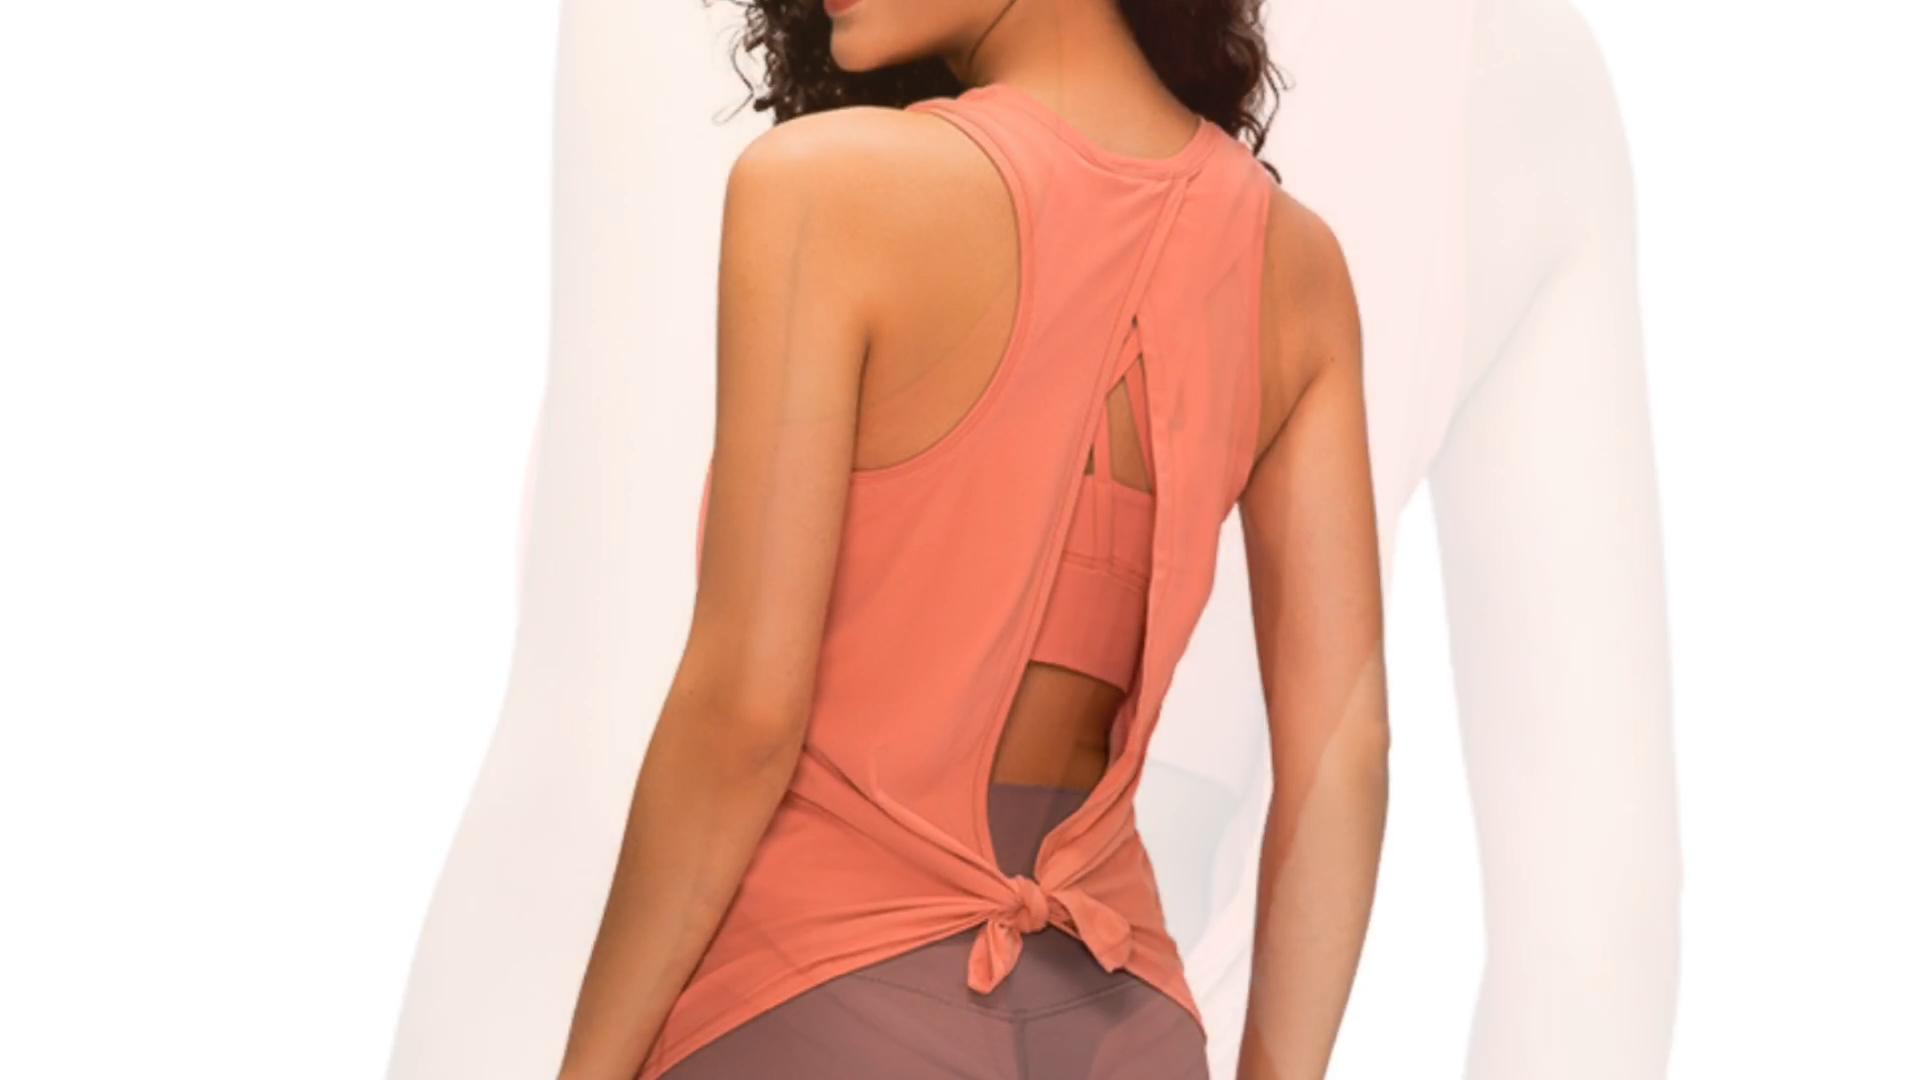 Fitness abbigliamento parti superiori di carro armato all'ingrosso athetlic usura fitness gym backless sexy palestra di yoga di usura superiore di carro armato